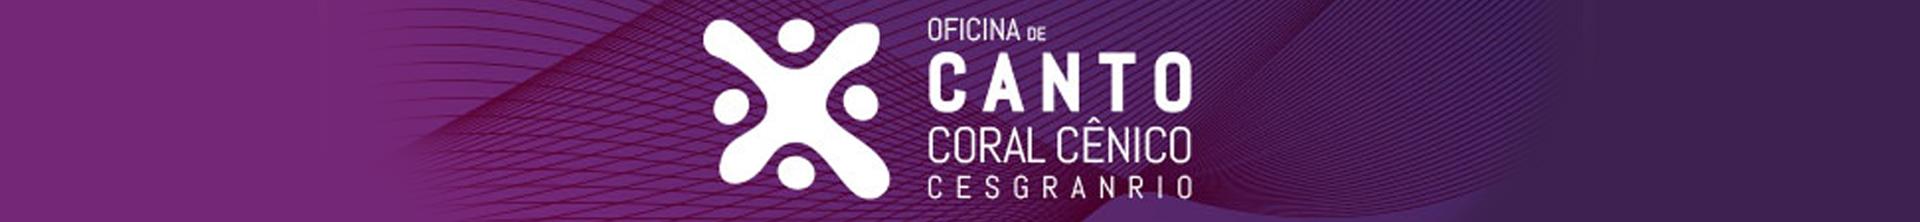 Terra Brasilis – Oficina de Canto Coral Cênico Cesgranrio